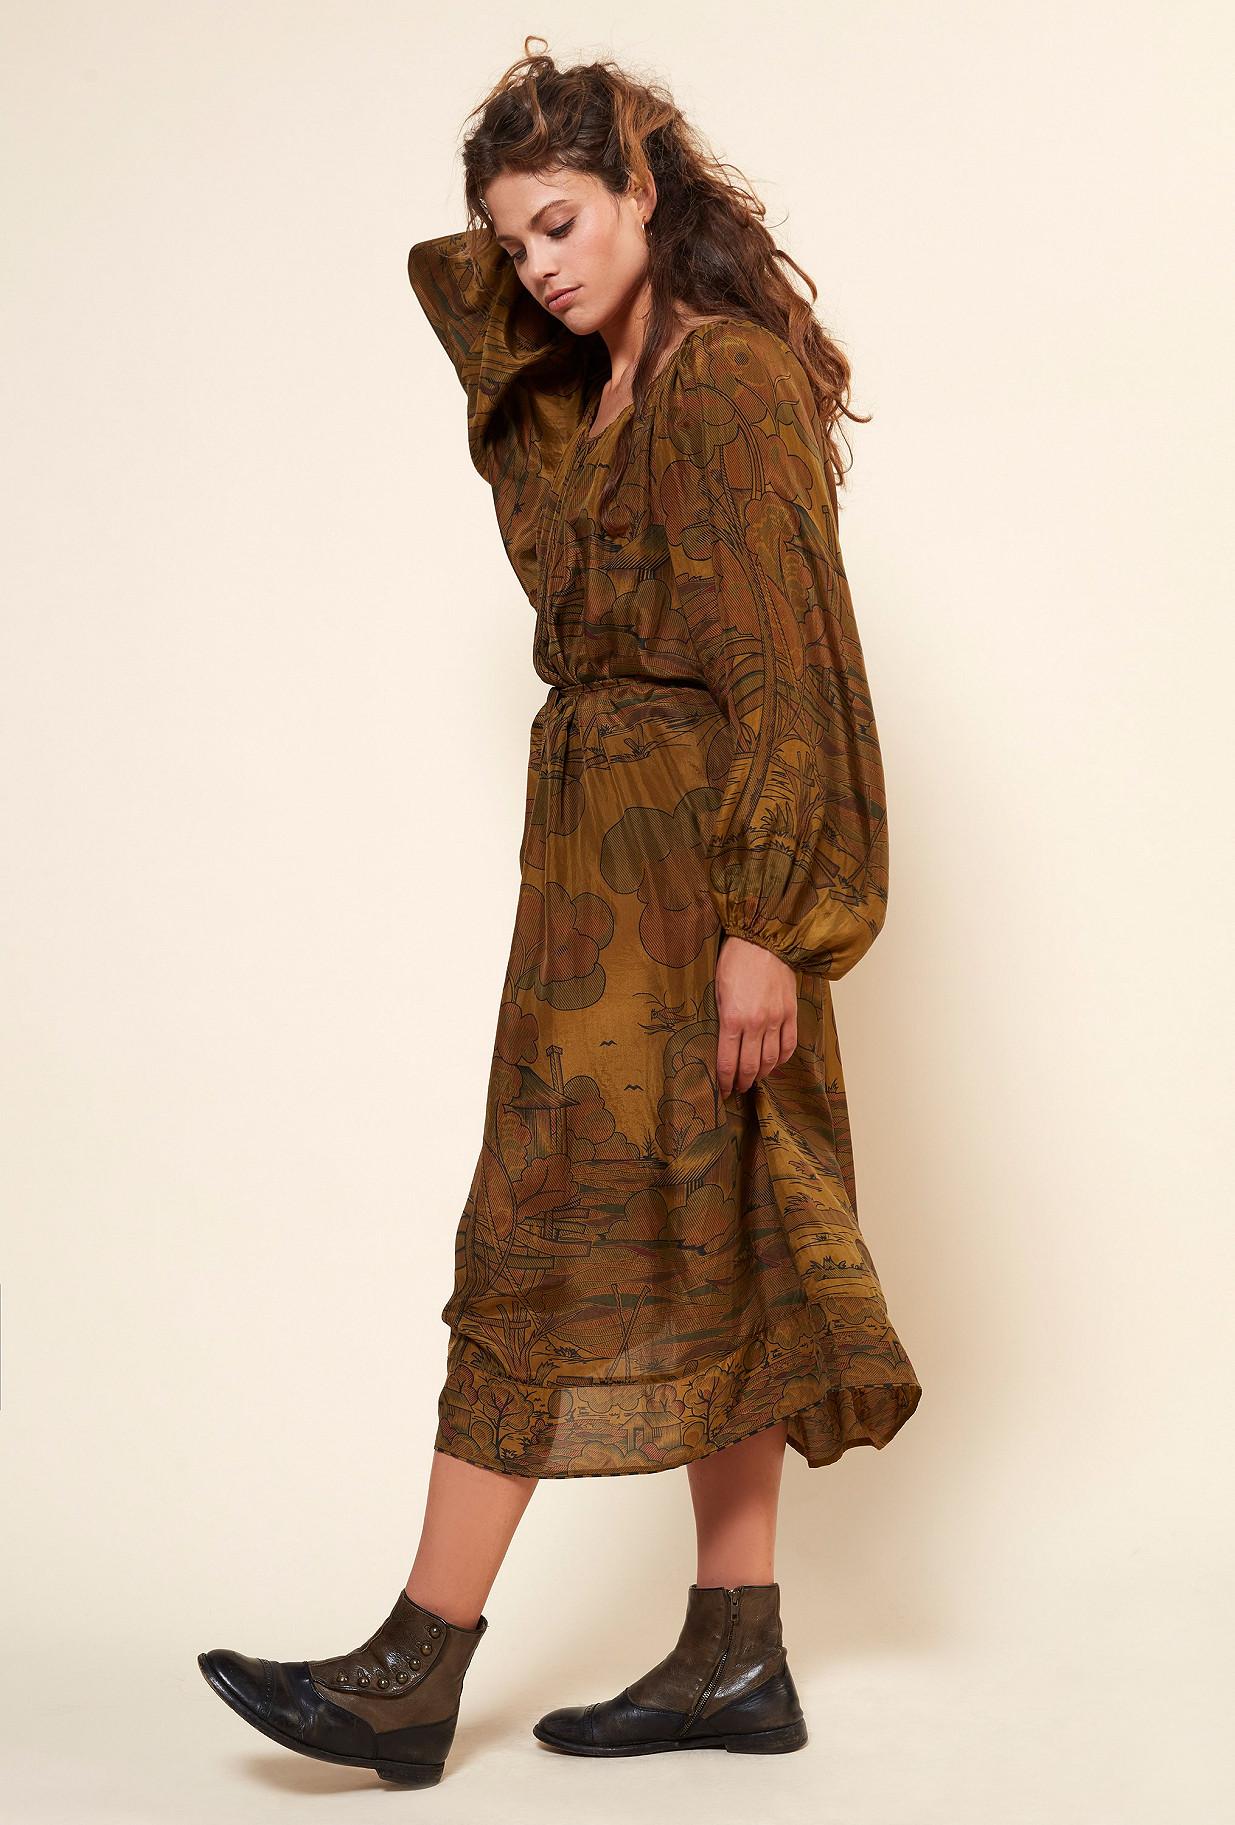 Paris boutique de mode vêtement Robe créateur bohème  Cyprille